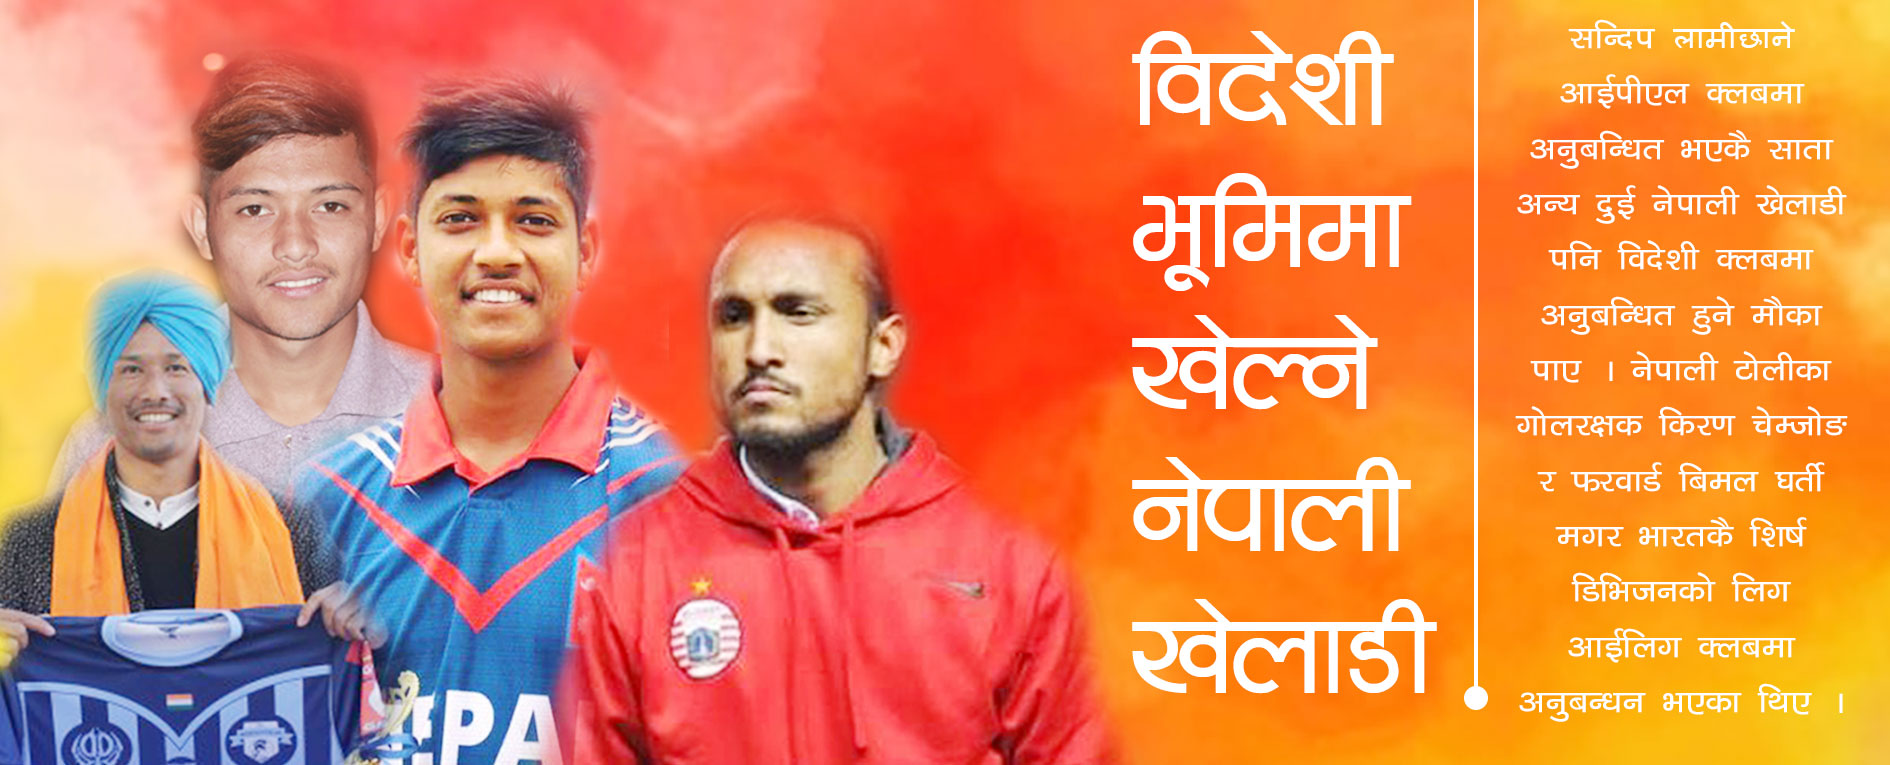 नेपाली खेलकुदको फड्को, यी हुन् विदेशी भूमिमा खेल्ने खेलाडी